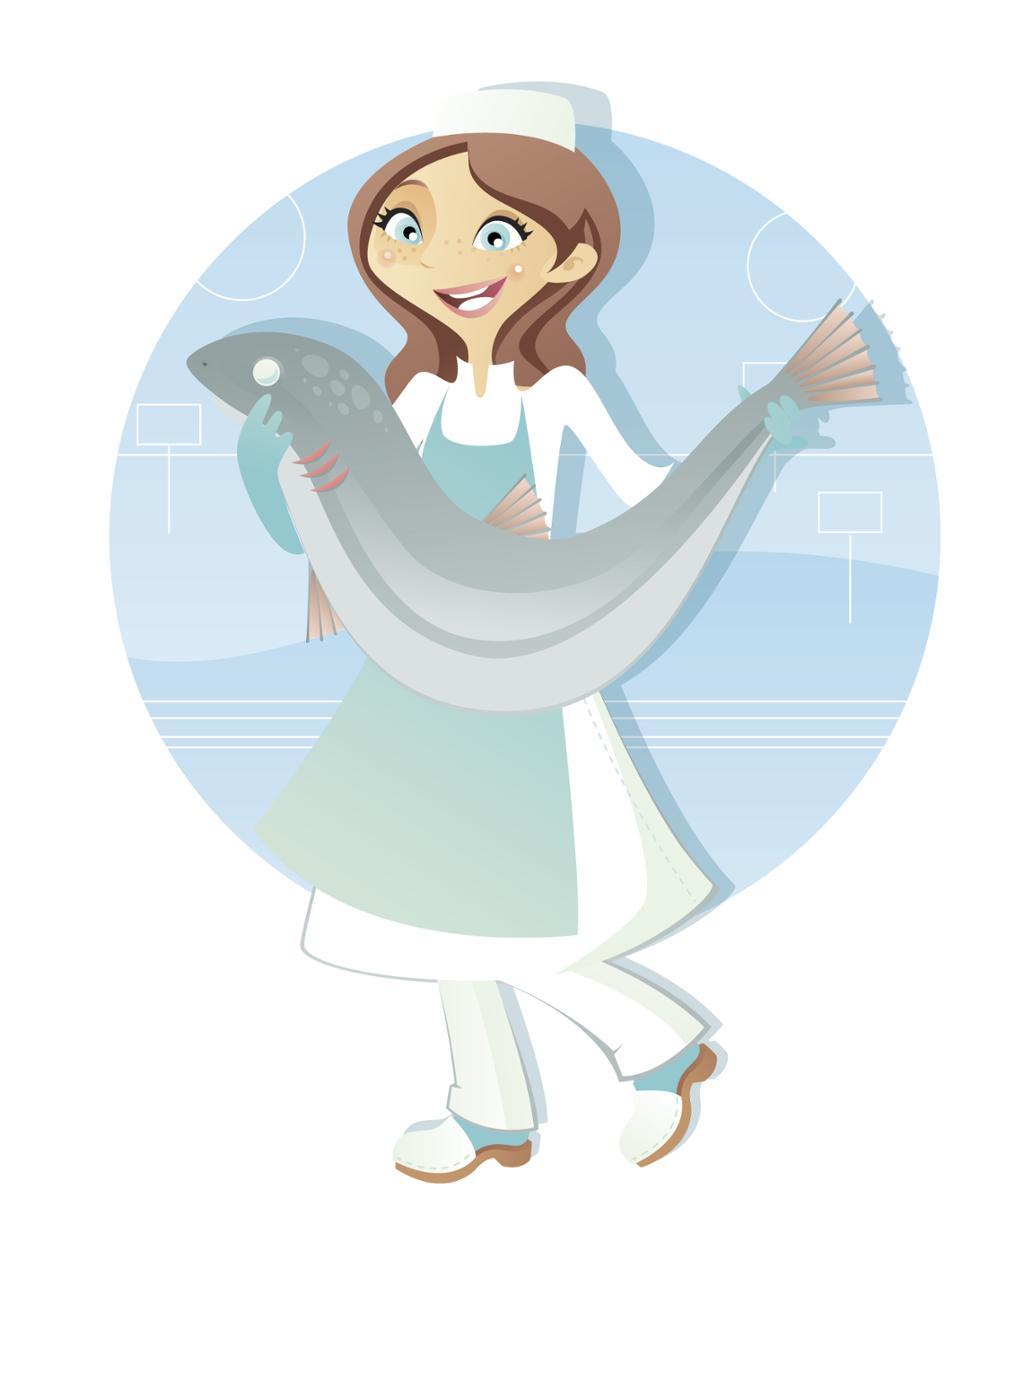 Bilde av en dame som holder en fisk